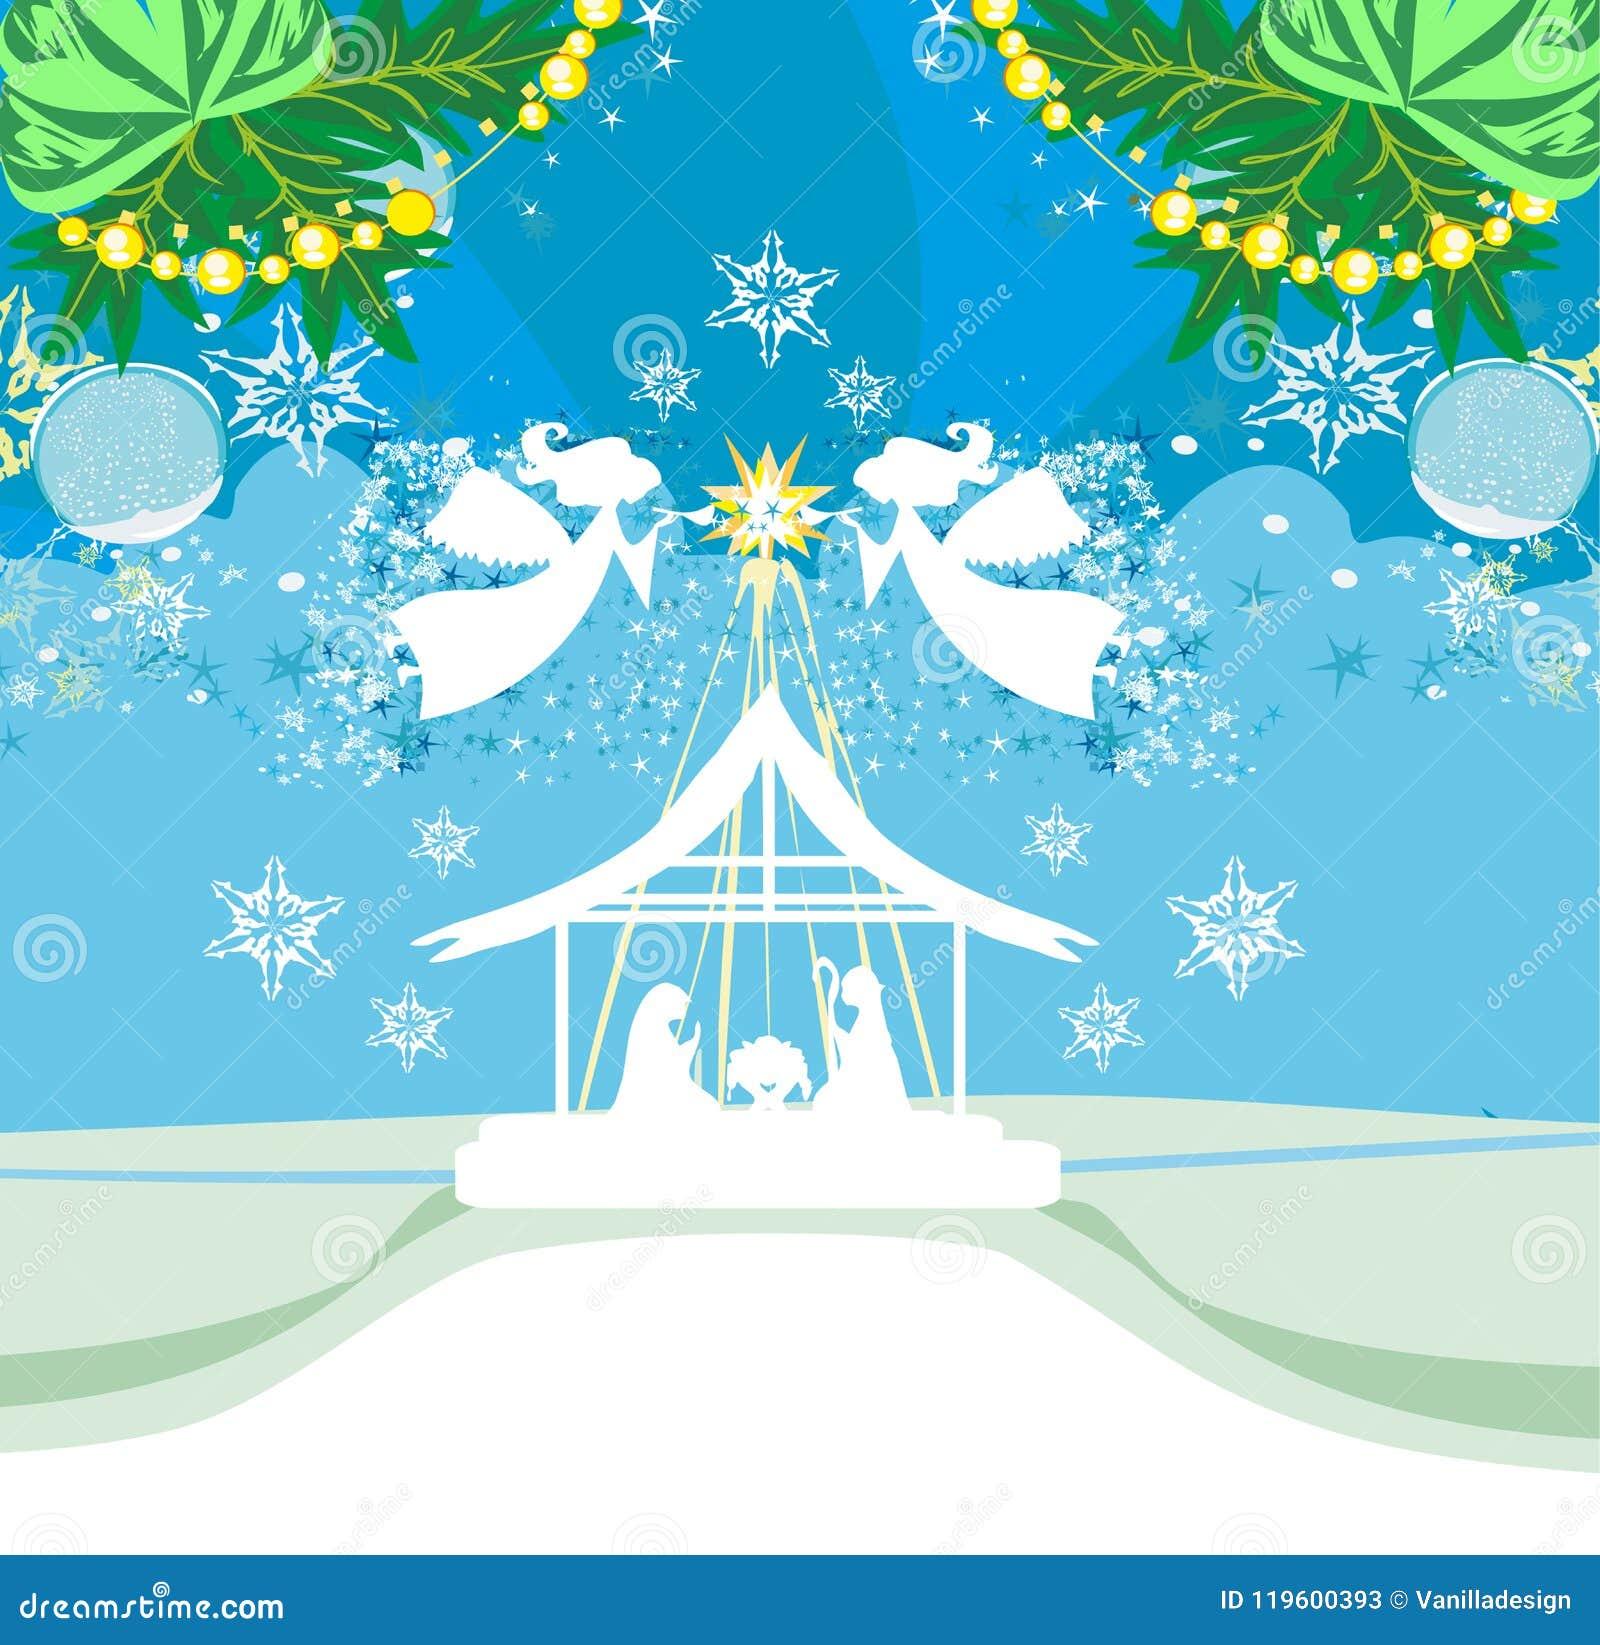 De Engelen van Kerstmis De scènekaart van de Kerstmis godsdienstige geboorte van Christus